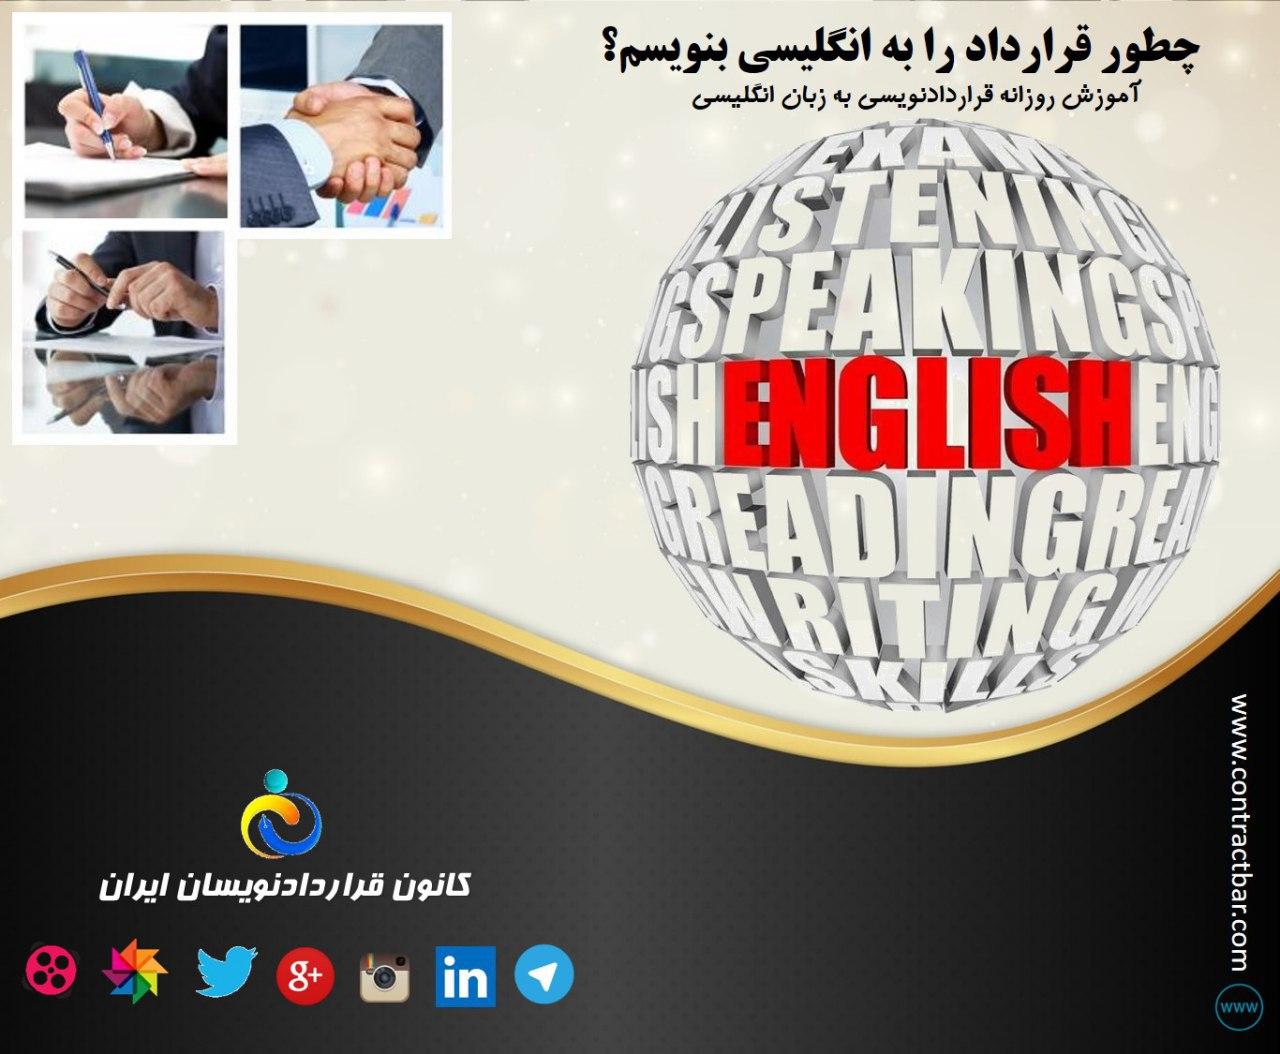 تنظیم قرارداد از طریق کانون قراردادنویسان ایران